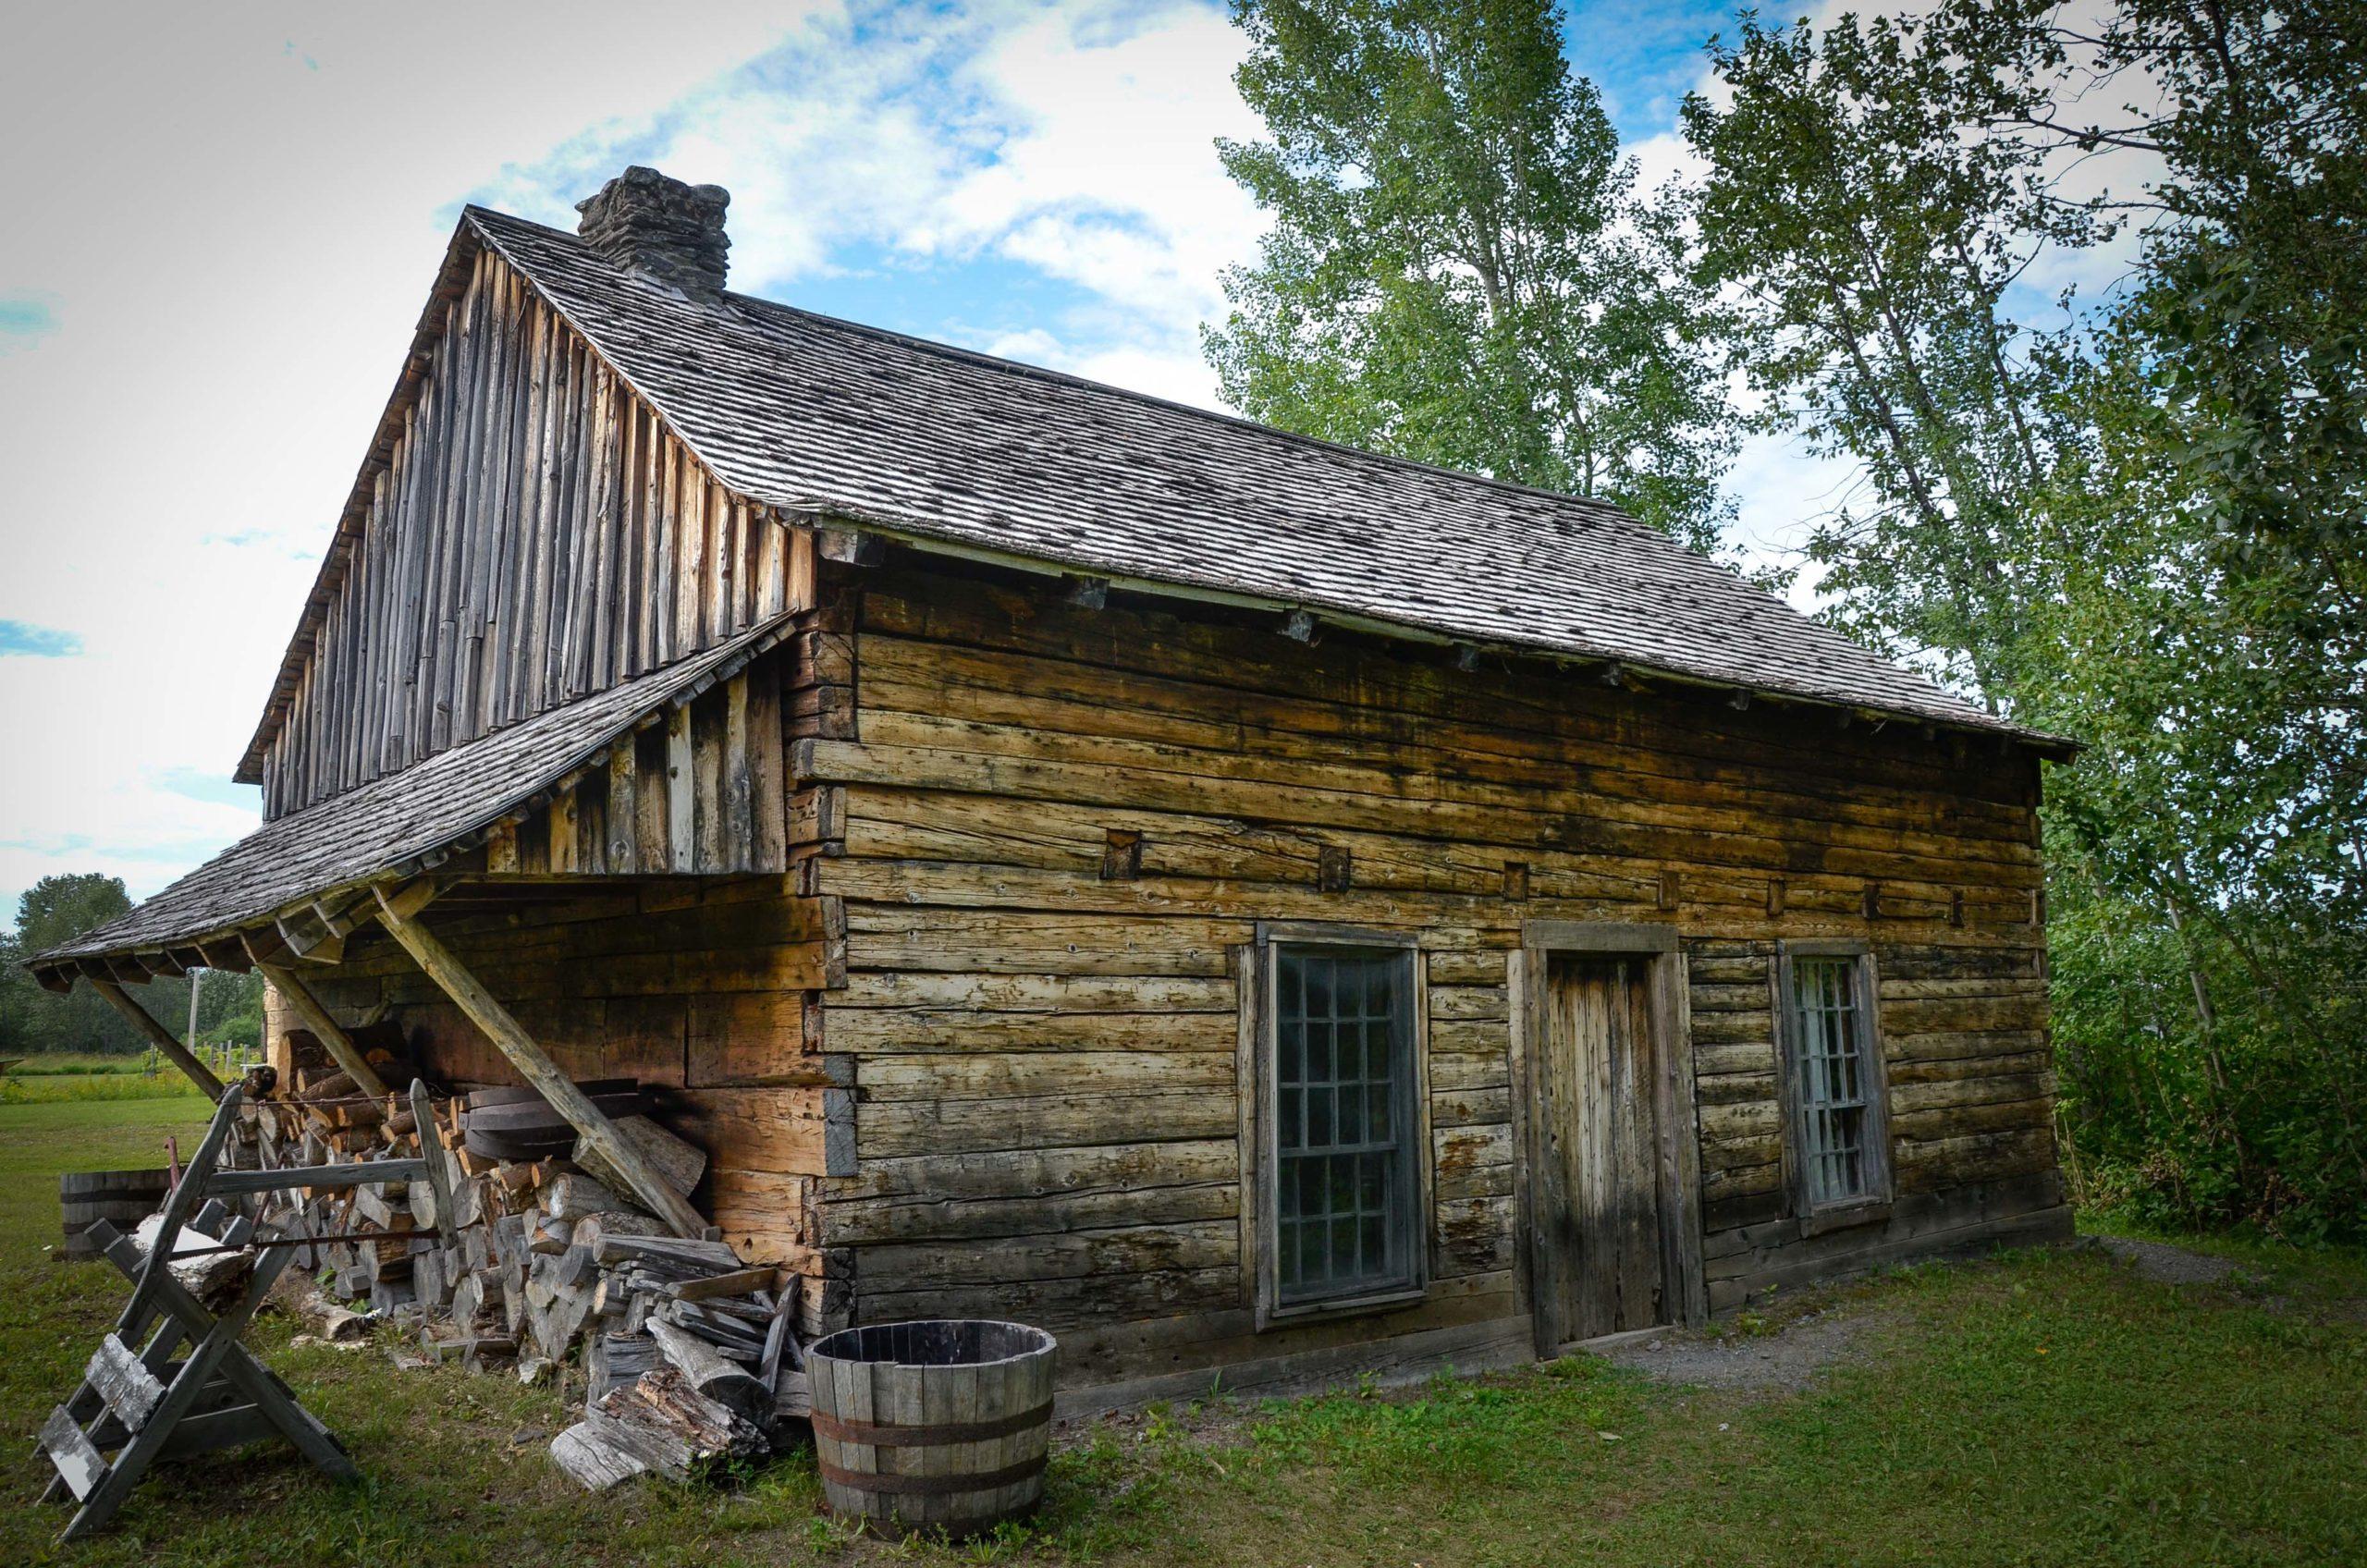 Maison Roy au village acadien de Van Buren dans le Maine qui faisait alors partie de l'Acadie daterait de c1790